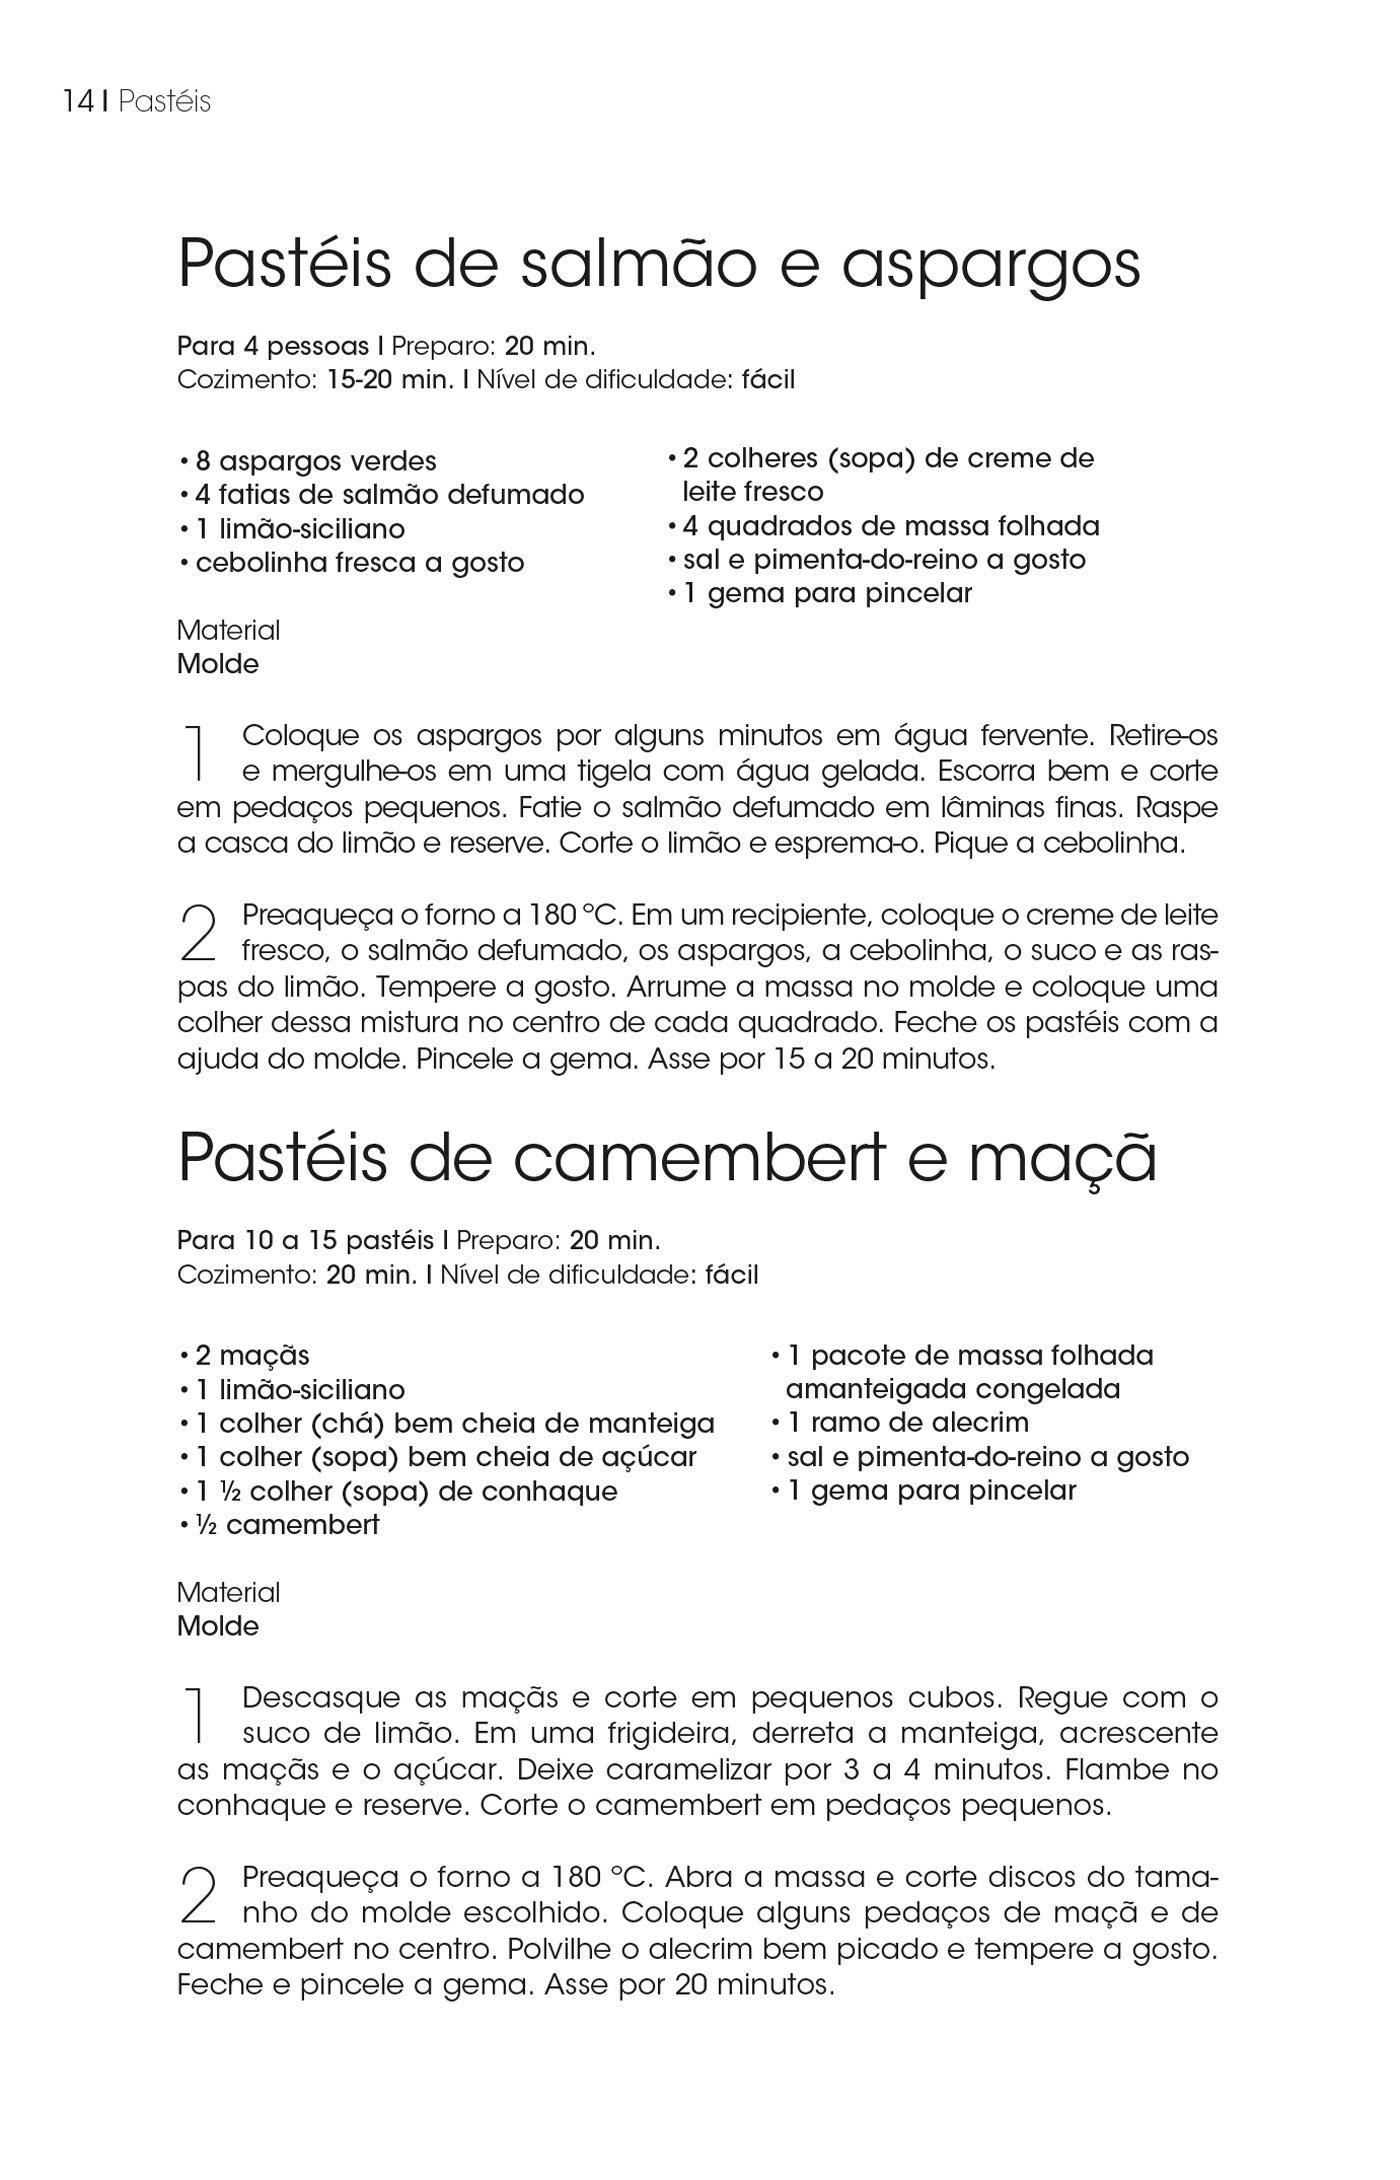 Pastéis, Samosas e Empanadas (Em Portuguese do Brasil): Annecé Bretin: 9788578812003: Amazon.com: Books